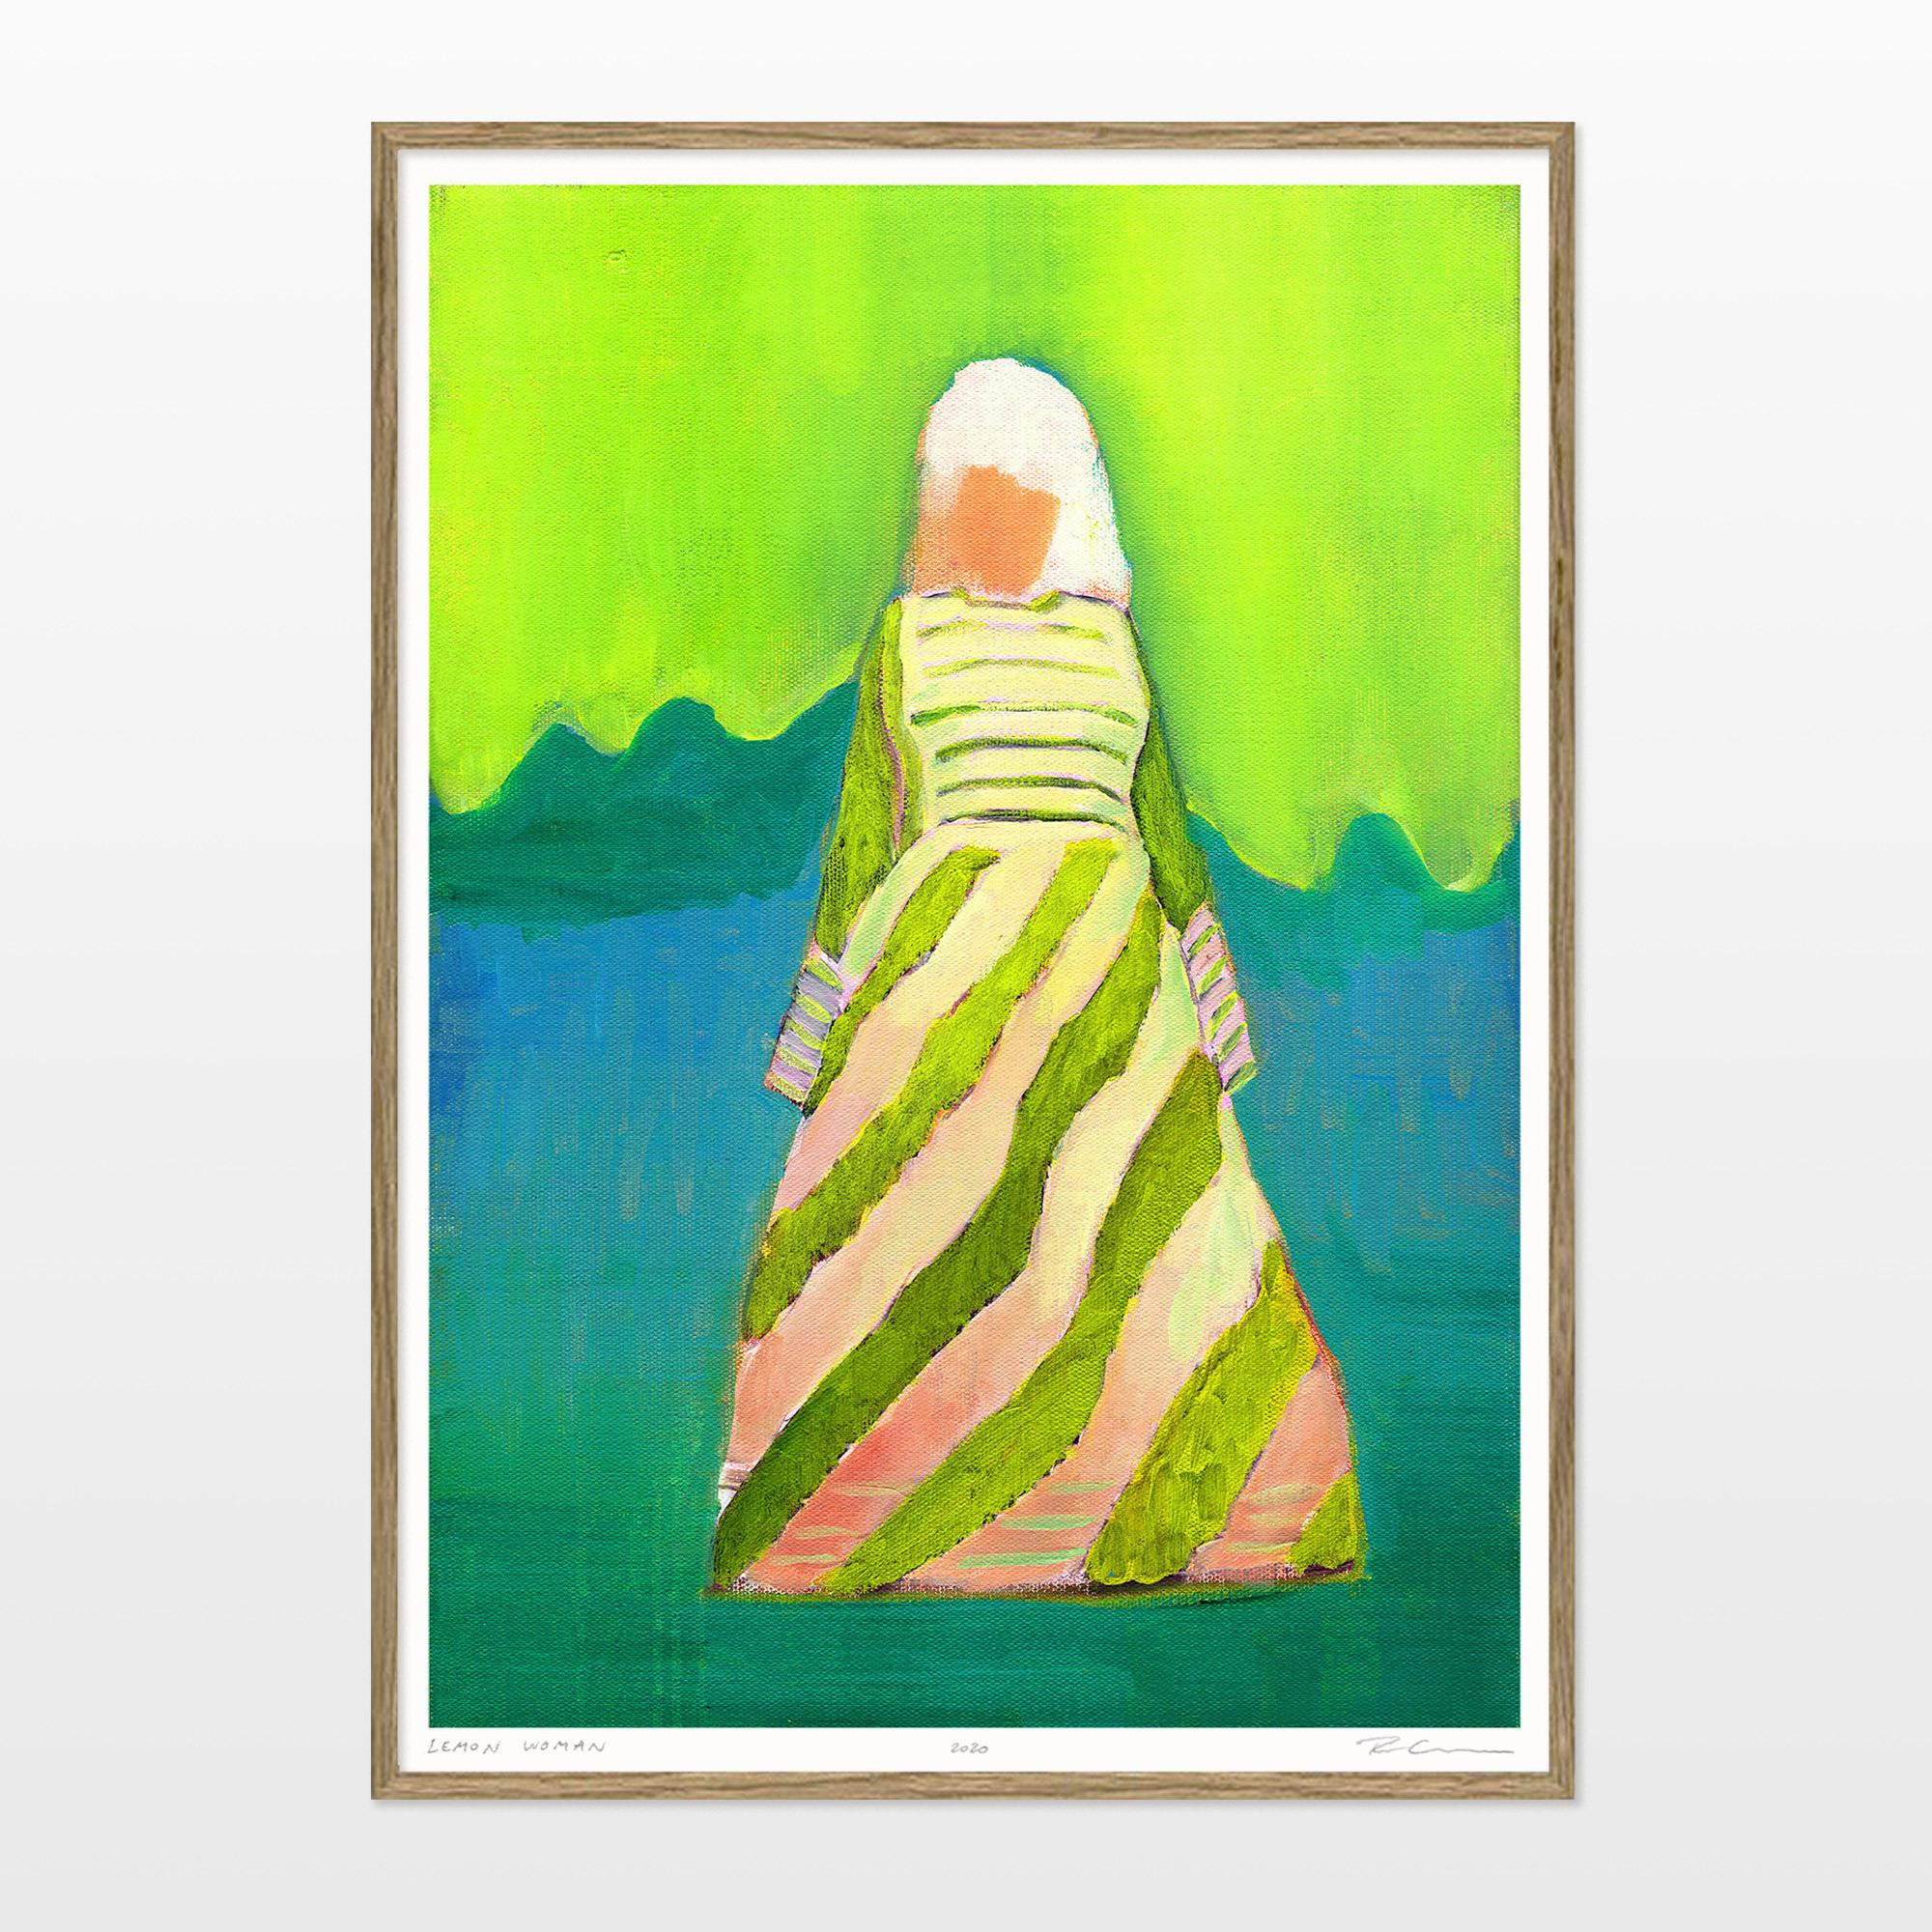 plakater-posters-kunsttryk, giclee-tryk, æstetiske, farverige, figurative, grafiske, portræt, kroppe, mønstre, mennesker, beige, blå, grønne, pink, turkise, blæk, papir, smukke, samtidskunst, dansk, dekorative, kvindelig, interiør, bolig-indretning, moderne, moderne-kunst, nordisk, plakater, skandinavisk, kvinder, Køb original kunst og kunstplakater. Malerier, tegninger, limited edition kunsttryk & plakater af dygtige kunstnere.